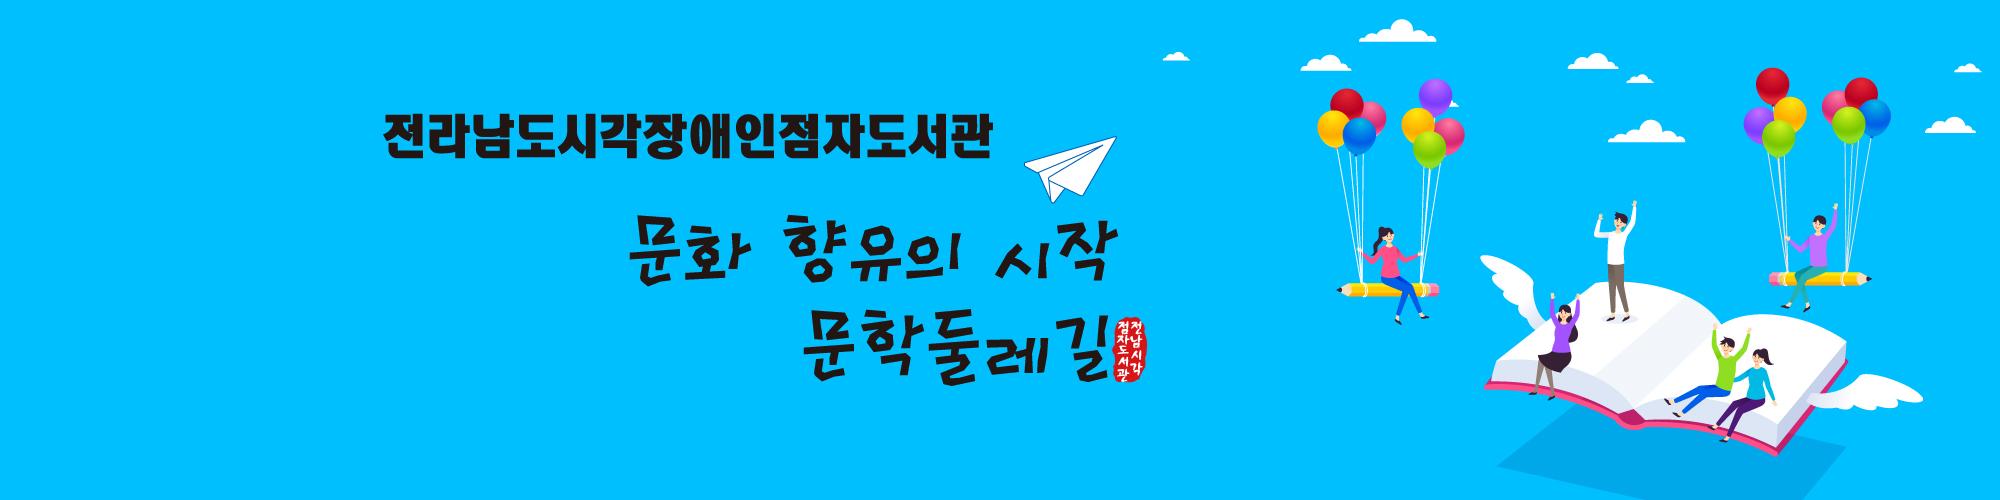 한국시각장애인연합회전남지부 배경